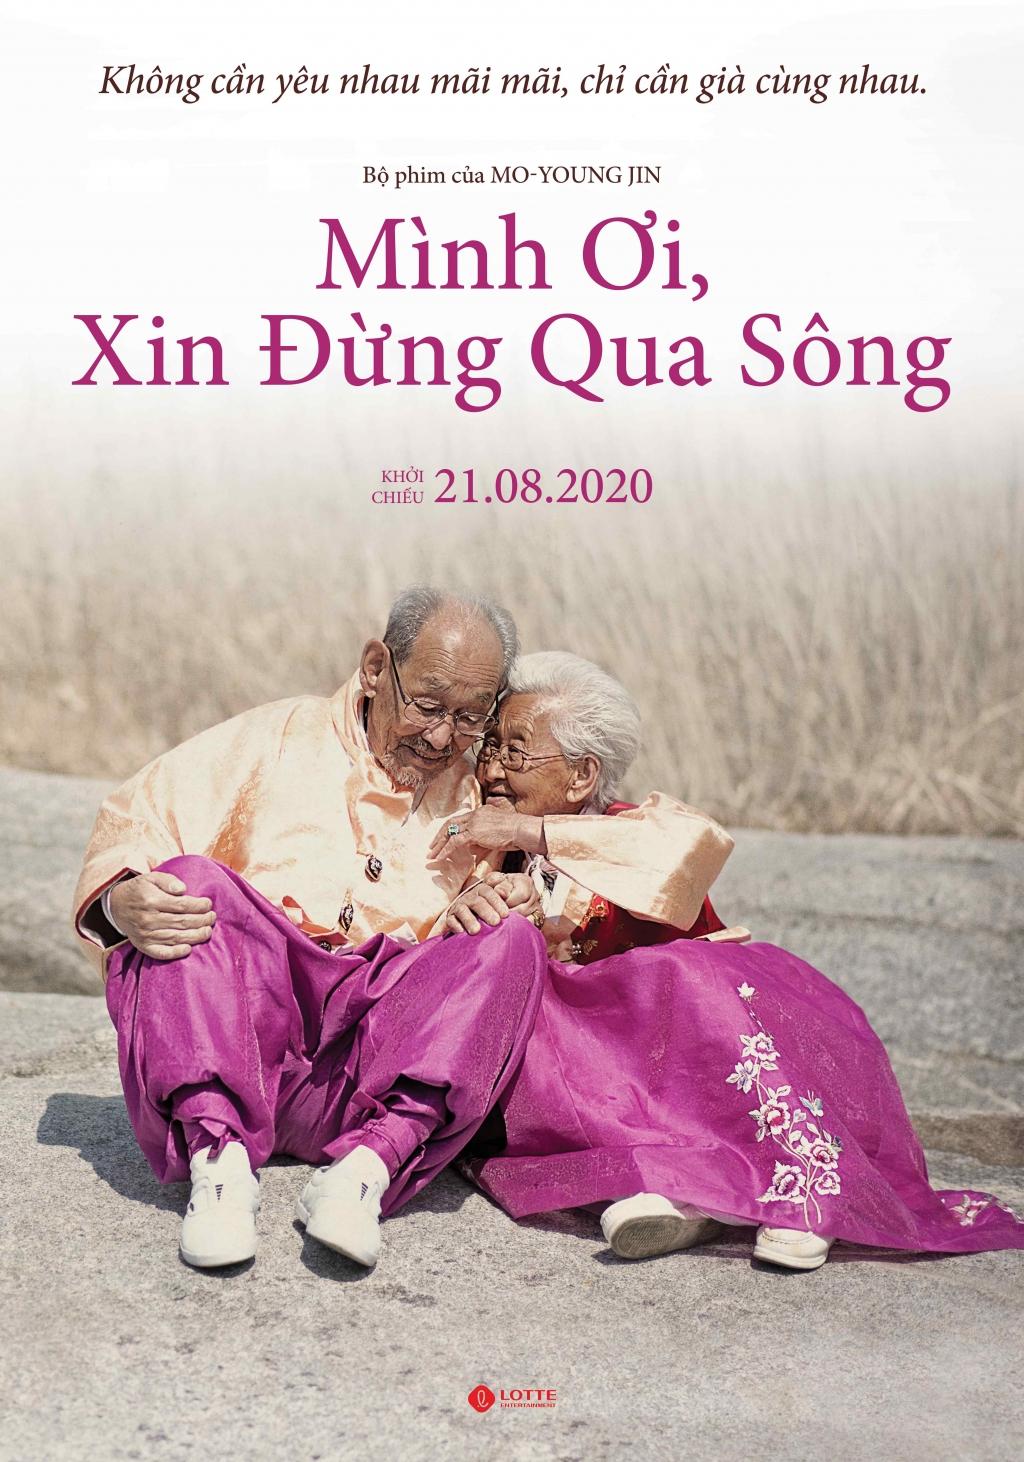 phim tai lieu han gay bao voi tinh yeu cua nhung dieu phi thuong nho be